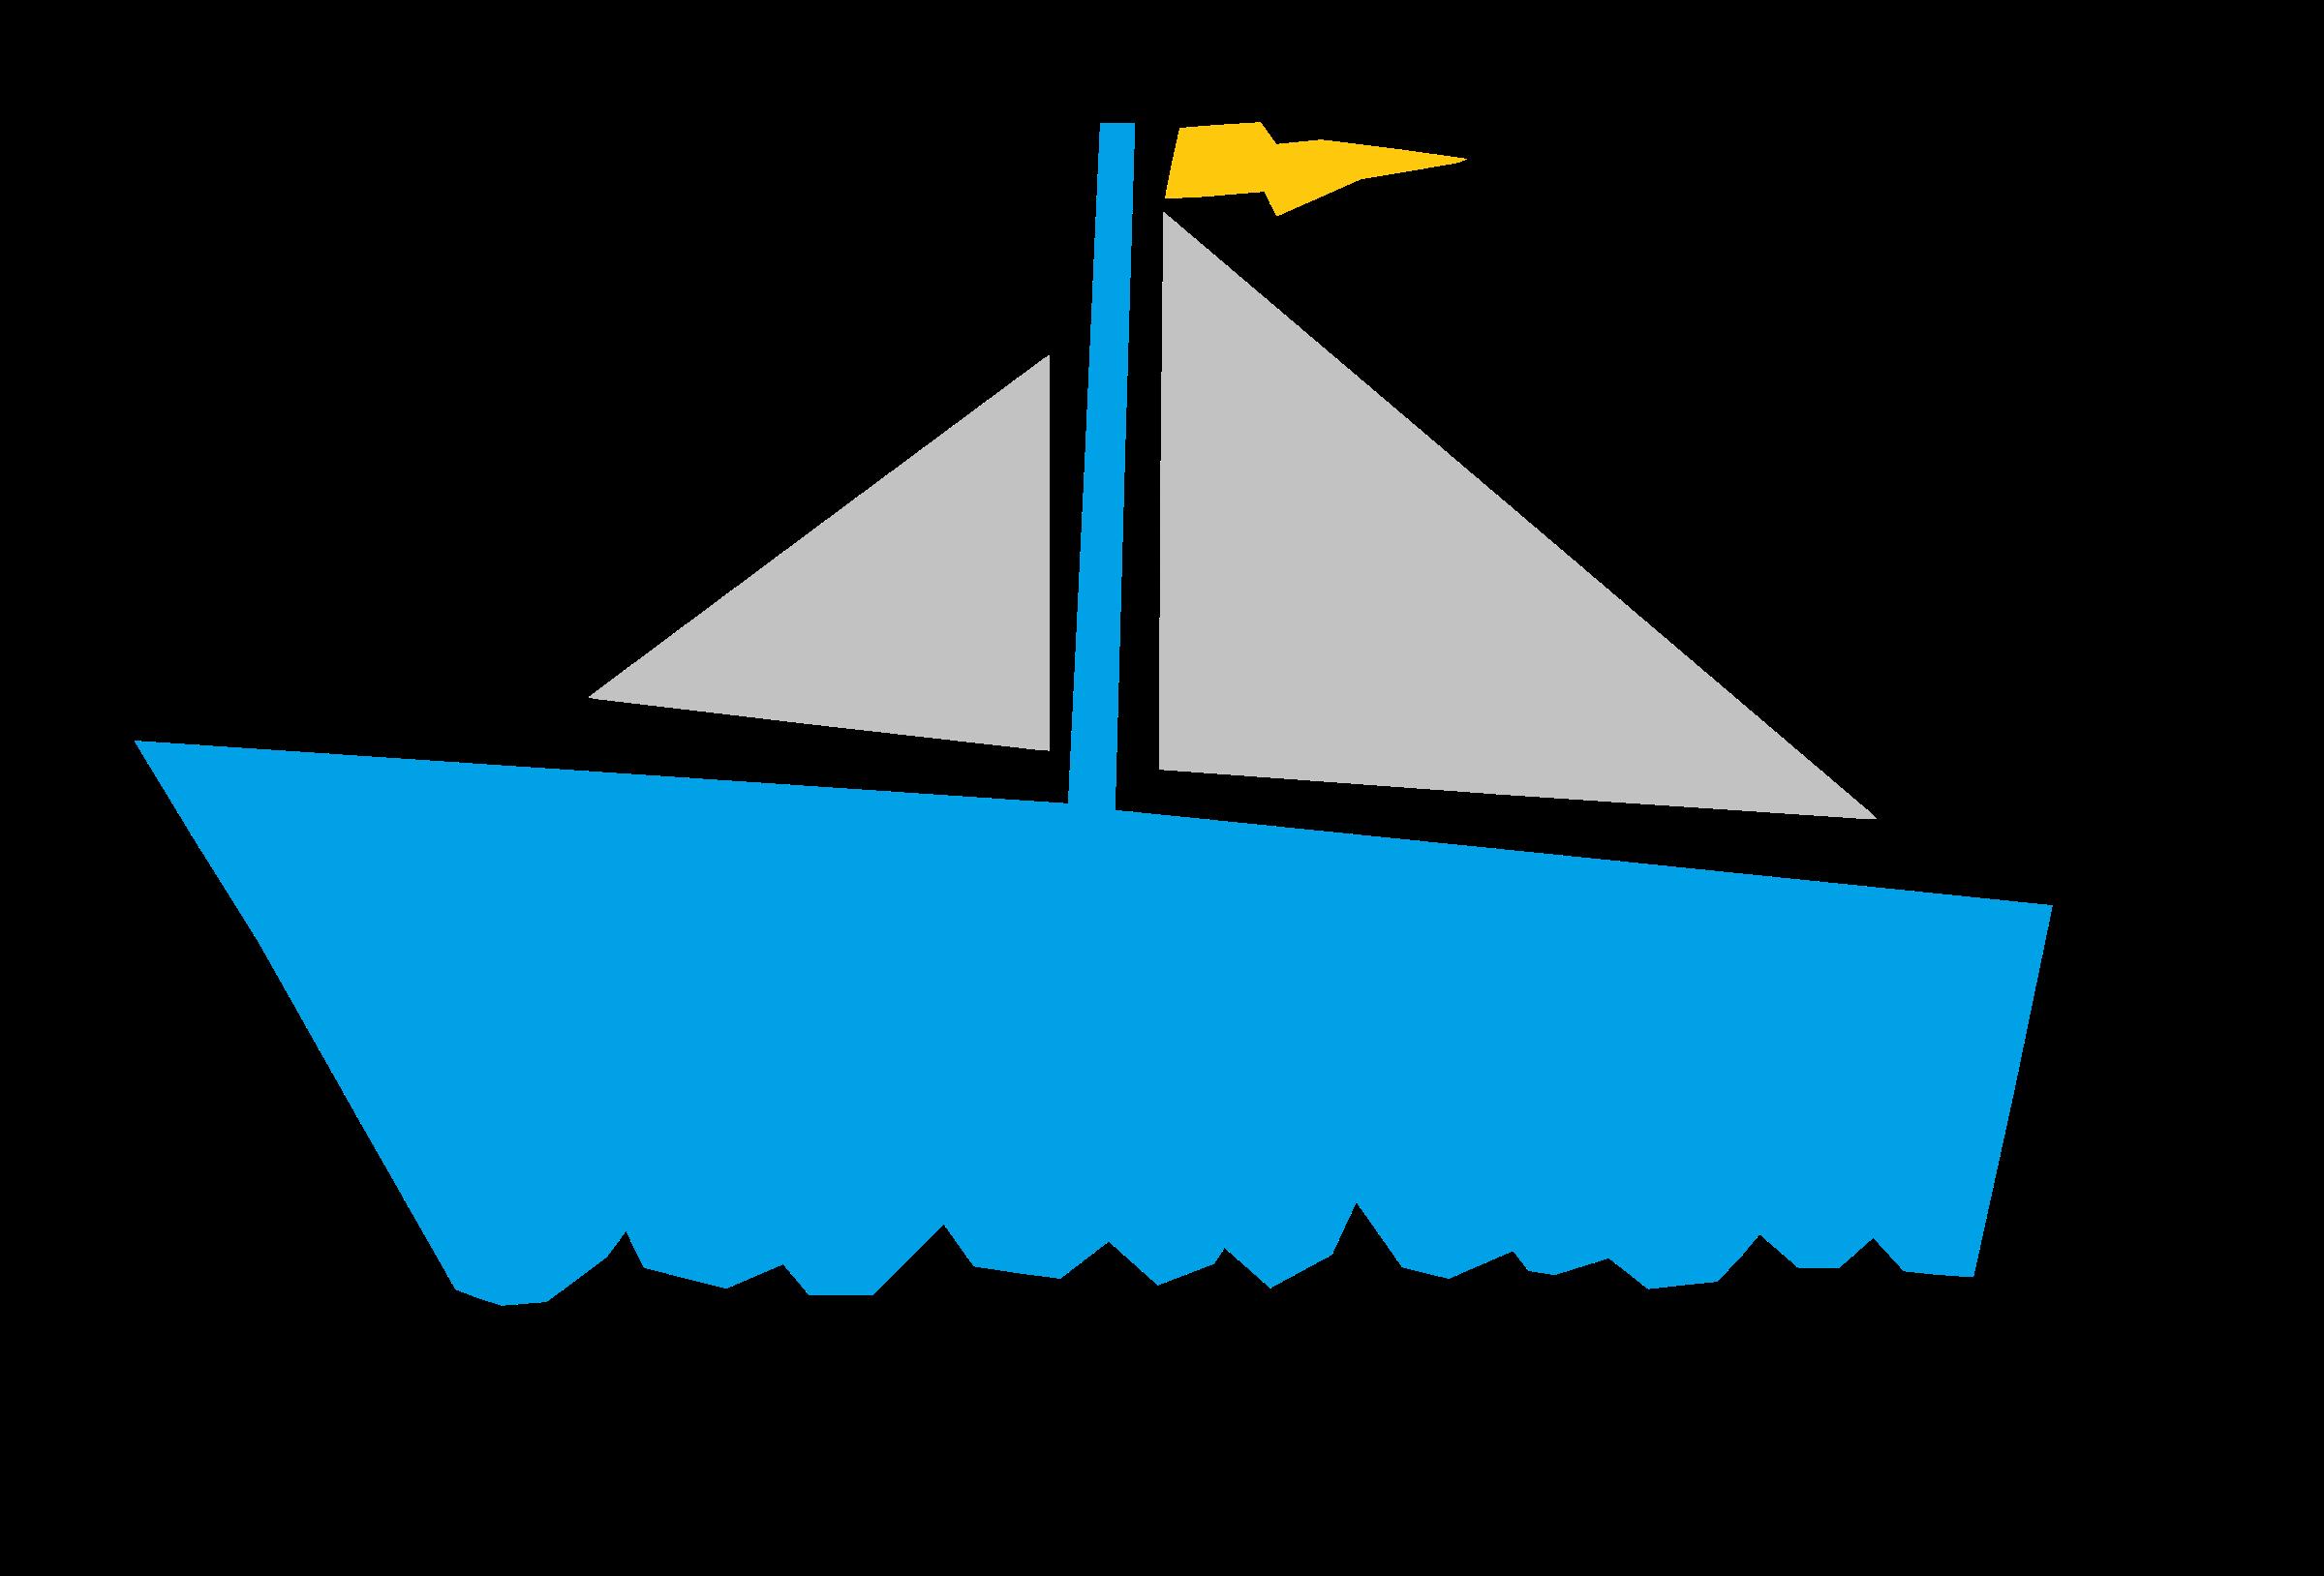 Sailboat clipart big boat #8